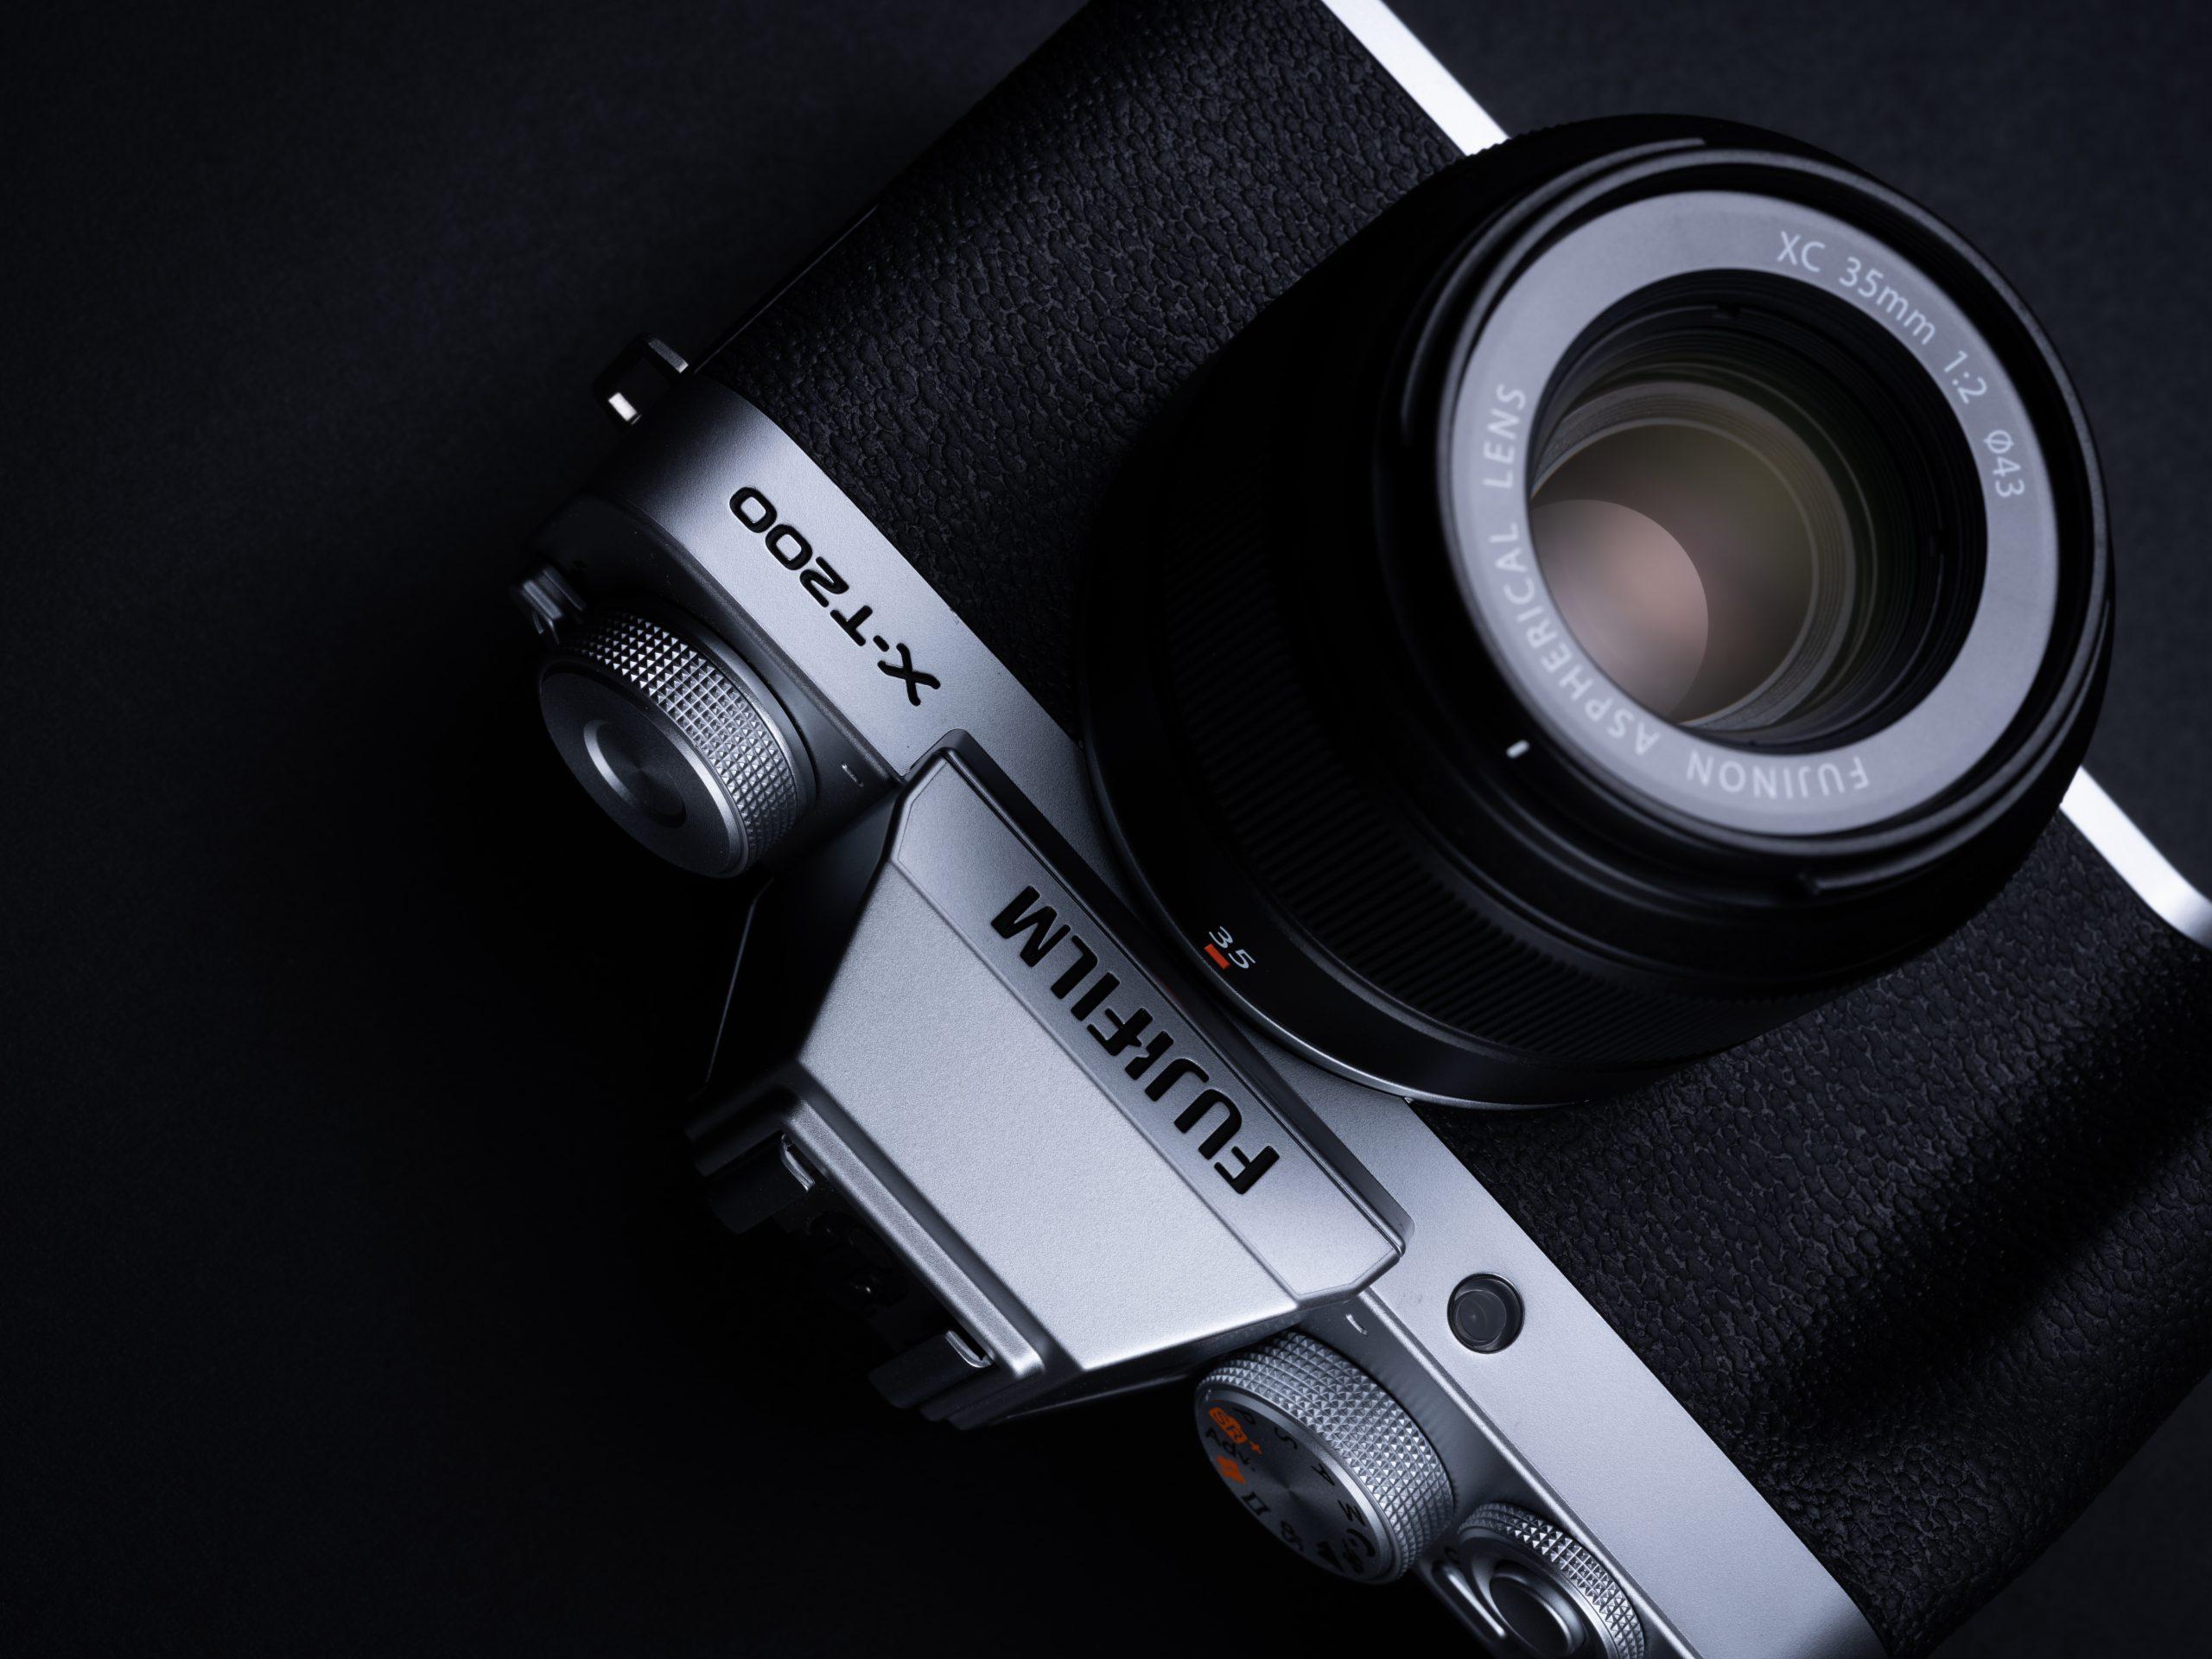 Fujifilm passt Preise an